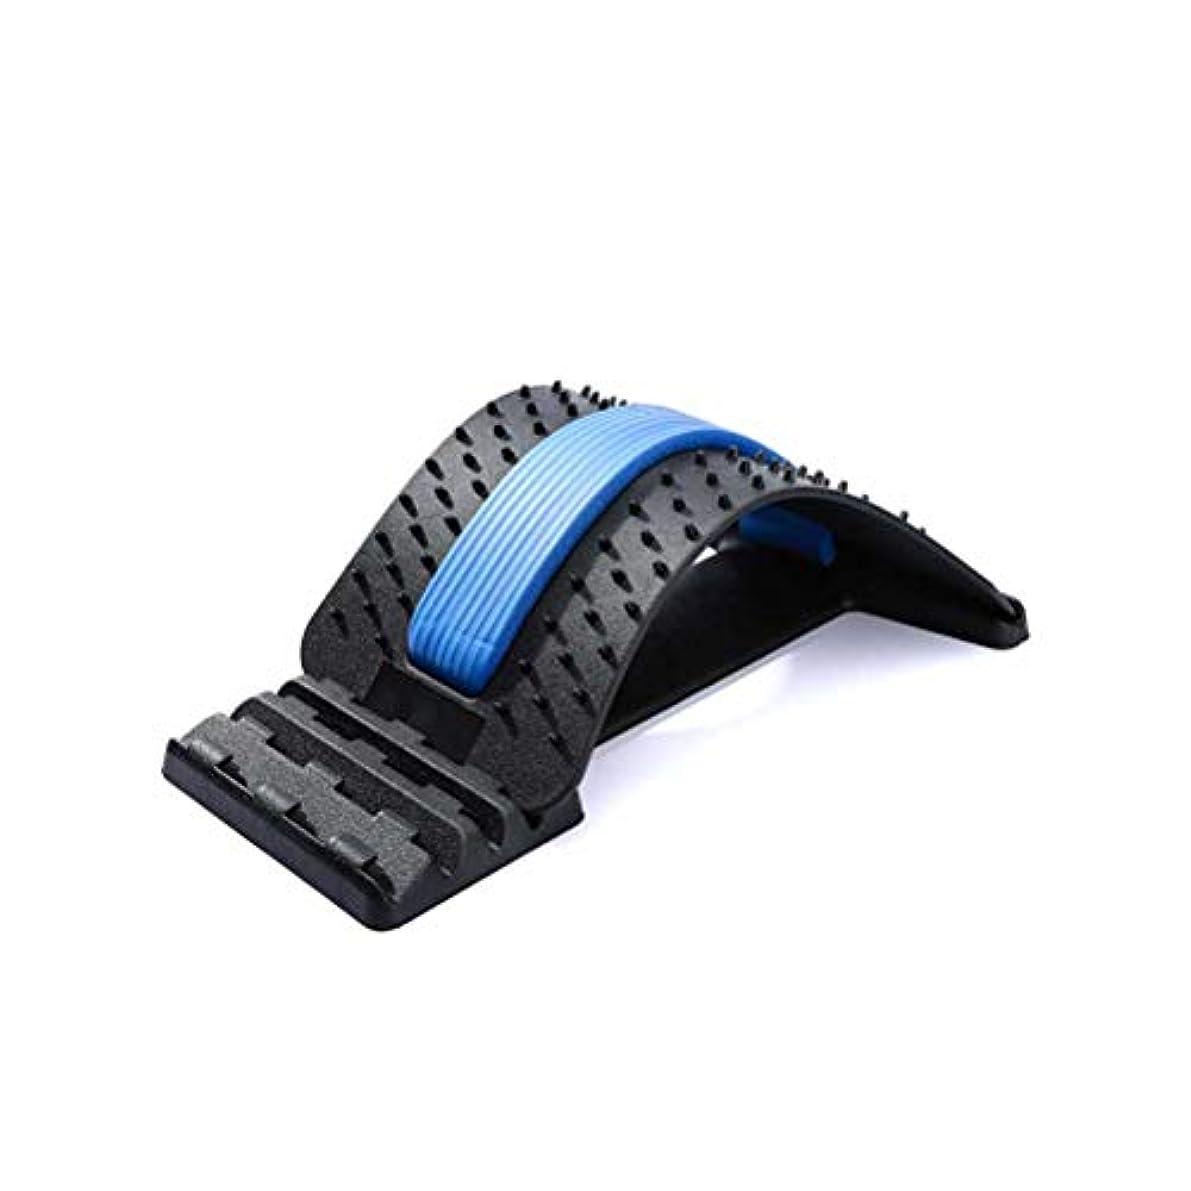 盗賊ロケットロデオSUPVOXバックストレッチングデバイスバックマッサージャーランバーサポートストレッチャー脊椎の背中の痛み筋肉痛の緩和用オフィスチェア(ブラックブルー)